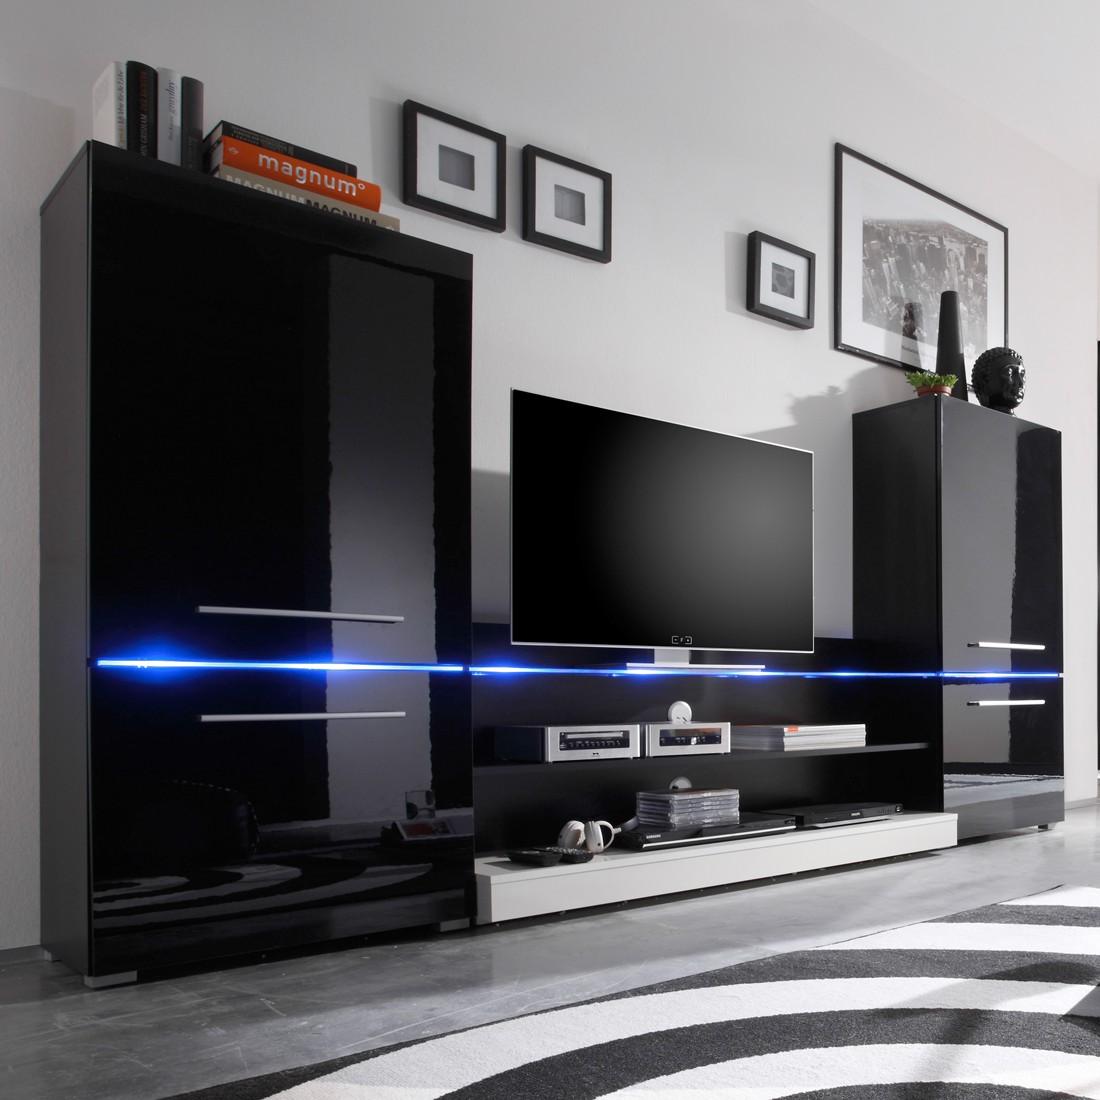 eek a wohnwand modern art 3 teilig inklusive beleuchtung hochglanz schwarz wei. Black Bedroom Furniture Sets. Home Design Ideas